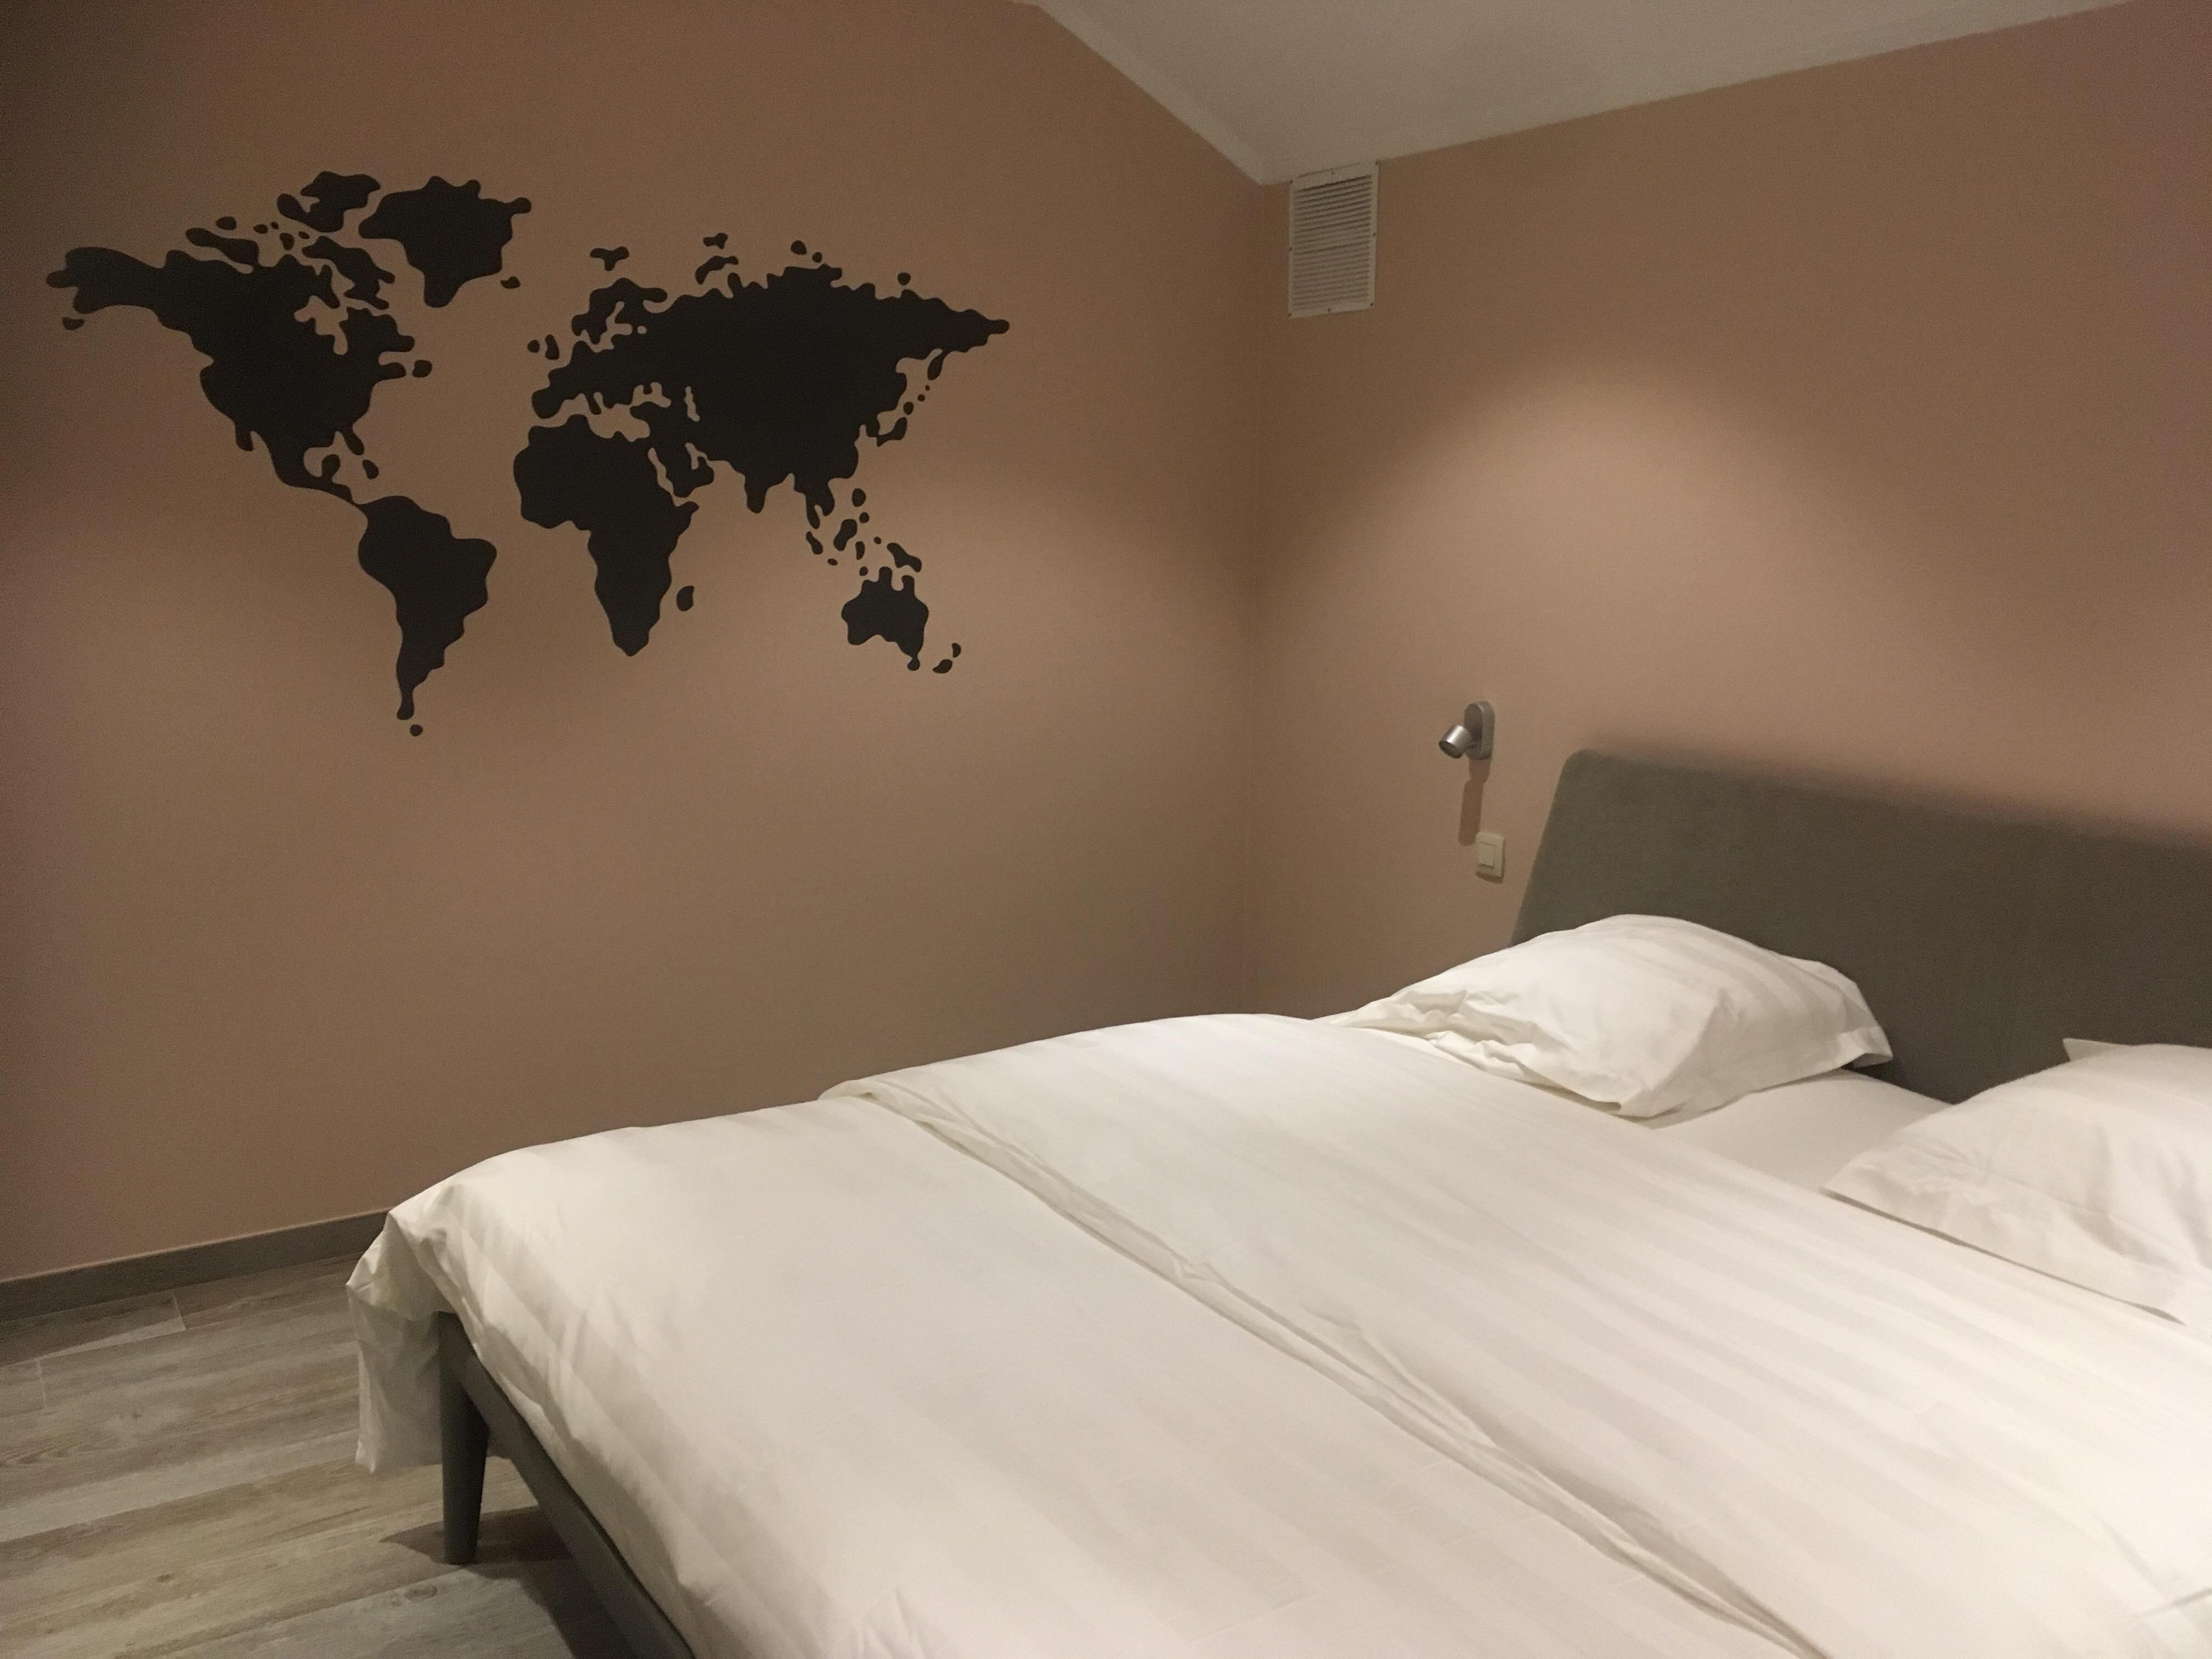 Slaapkamer Bedden Auping.Slaapkamer 2 Met Auping Bed Vakantieverblijf T Sutterhuisje